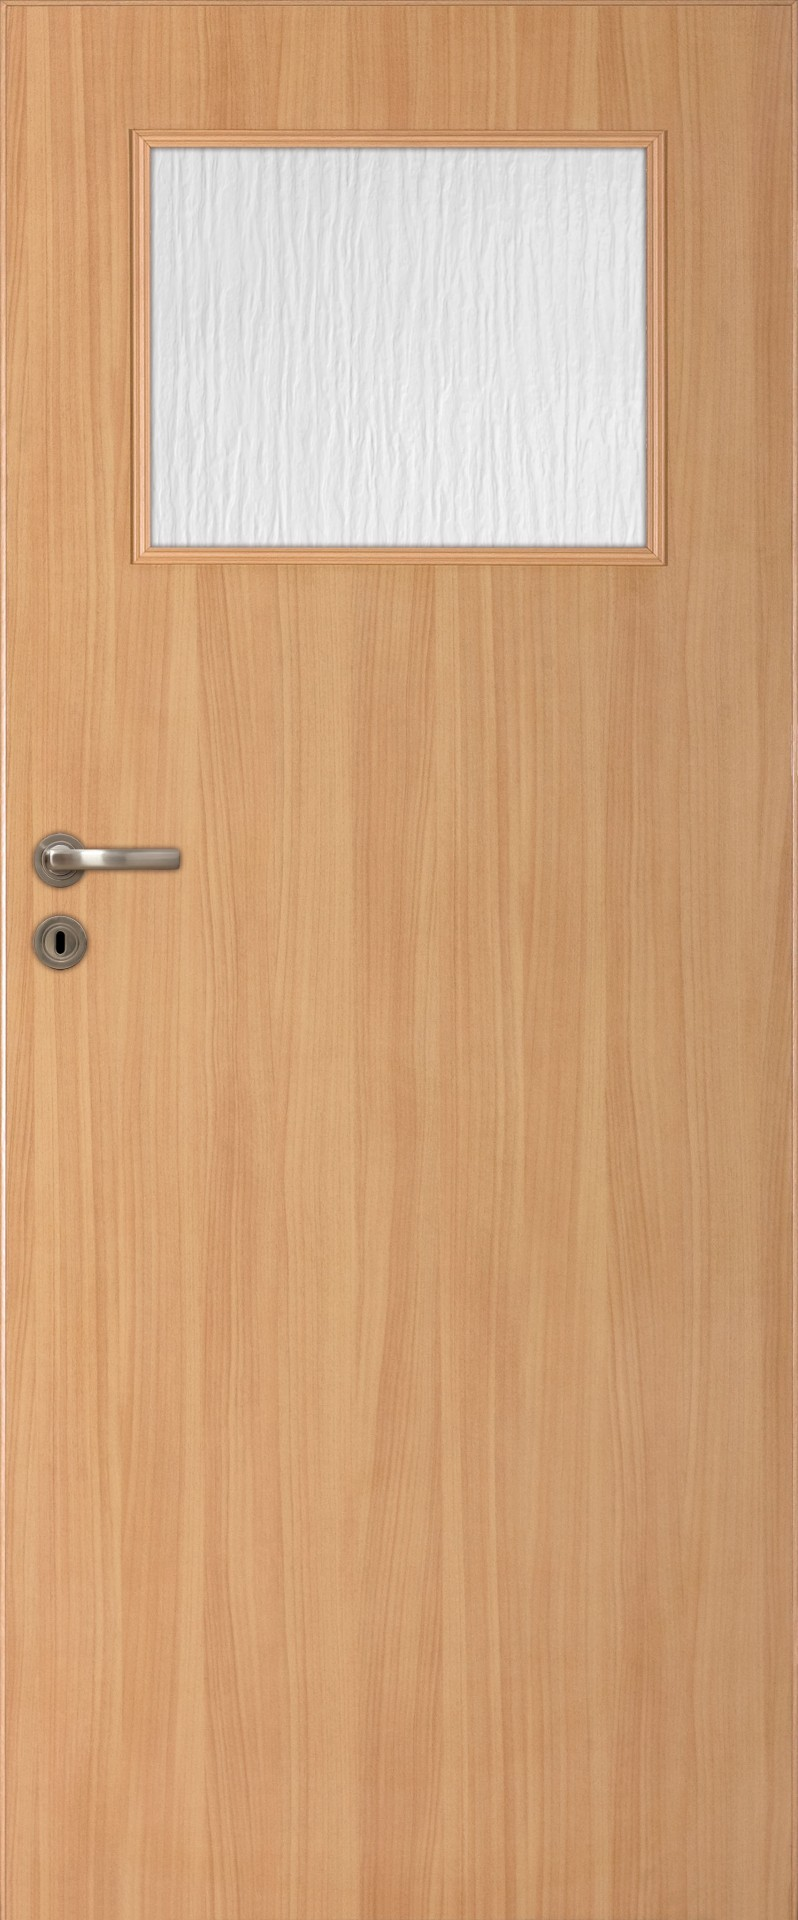 Dre dveře Lack 20, Šíře v cm 90